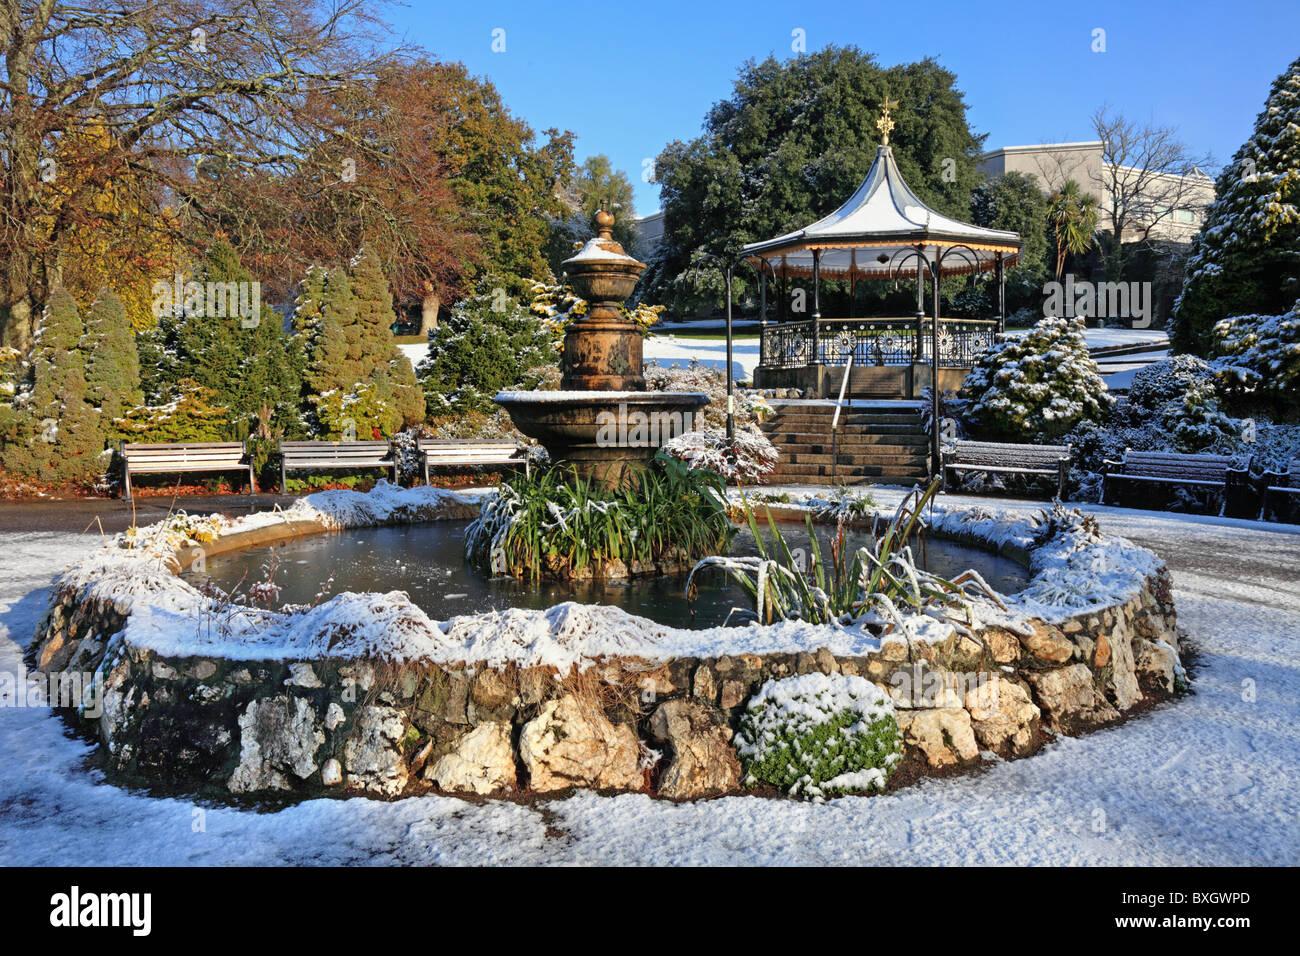 El quiosco y una fuente de agua en Truro la Victoria Gardens Imagen De Stock